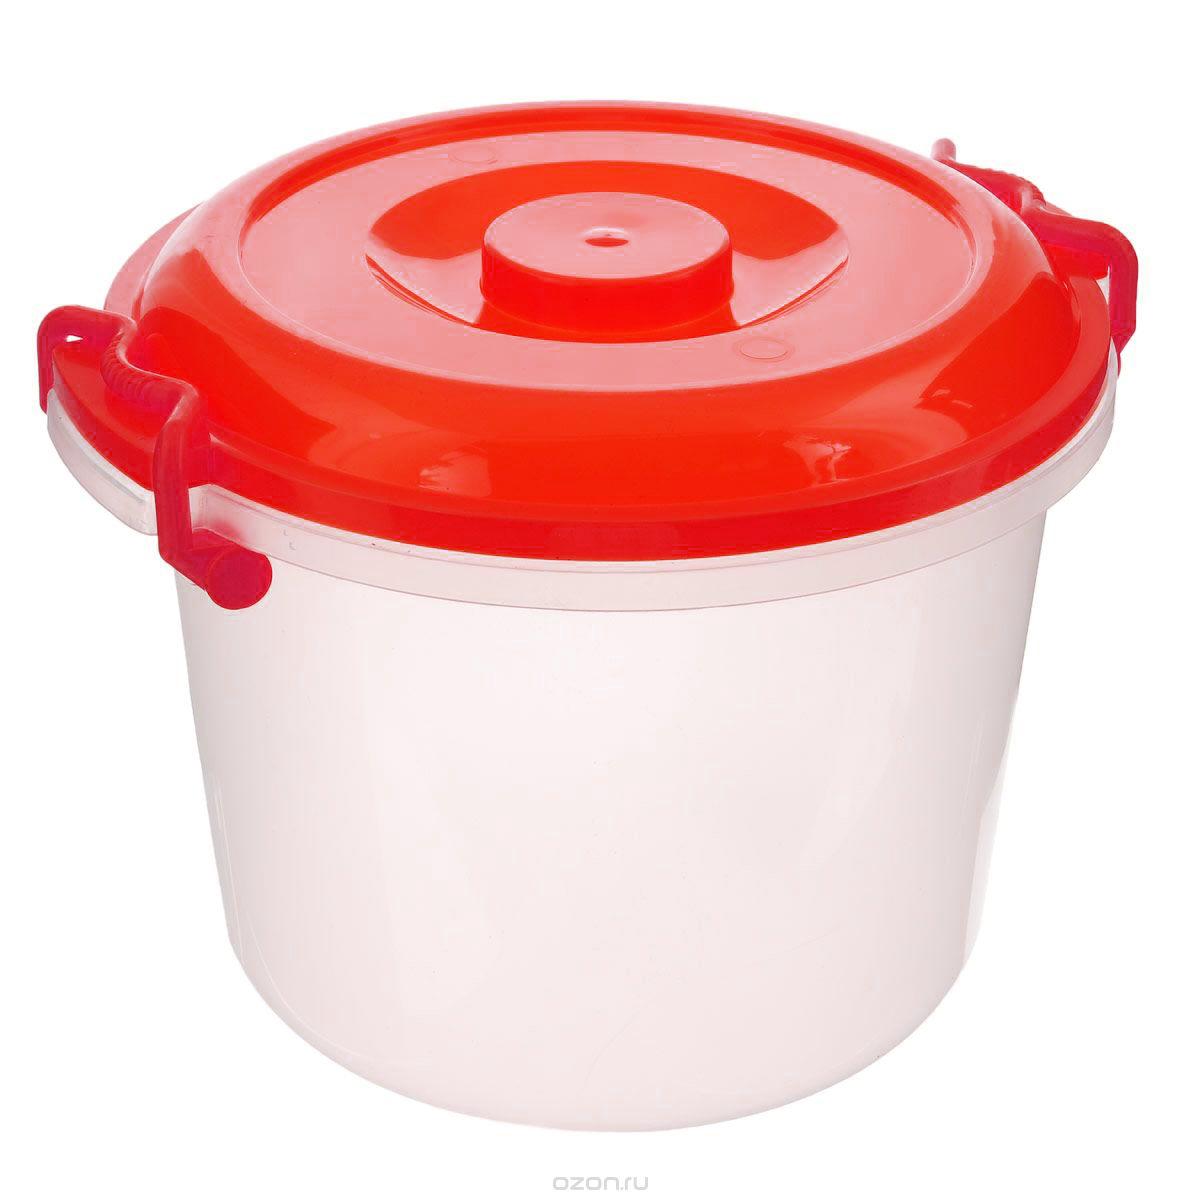 Контейнер Альтернатива, цвет: красный, прозрачный, 8 лFA-5125 WhiteКонтейнер Альтернатива изготовлен из высококачественного пищевого пластика. Изделие оснащено крышкой и ручками, которые плотно закрывают контейнер. Также на крышке имеется ручка для удобной переноски. Емкость предназначена для хранения различных бытовых вещей и продуктов.Такой контейнер очень функционален и всегда пригодится на кухне.Диаметр контейнера (по верхнему краю): 25 см. Высота контейнера (без учета крышки): 21 см. Объем: 8 л.